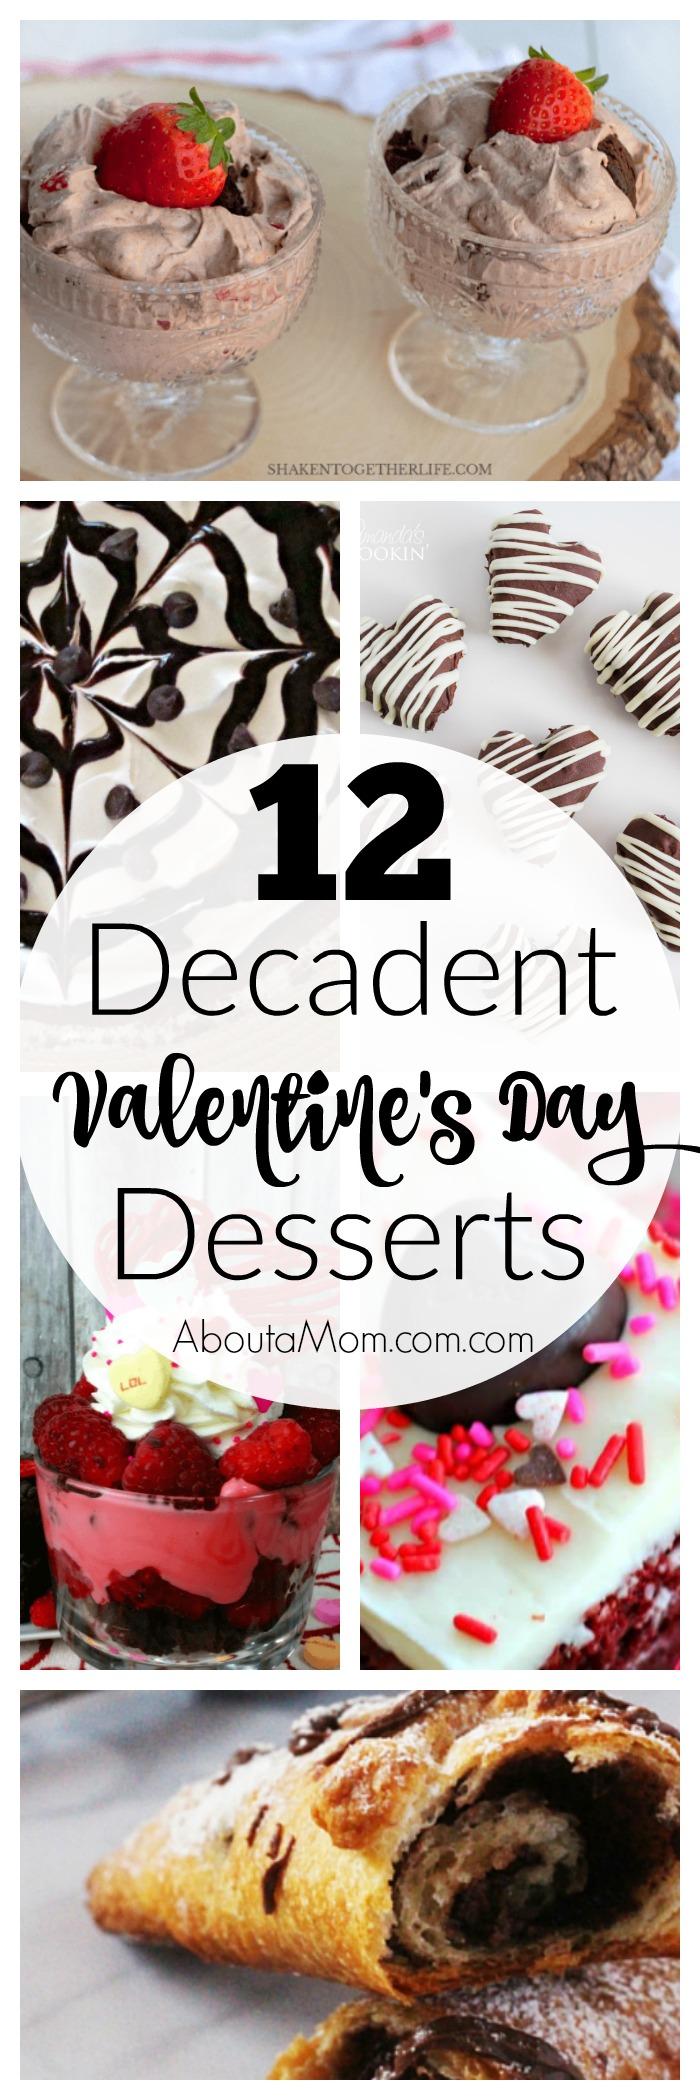 12 decedent Valentine's Day desserts